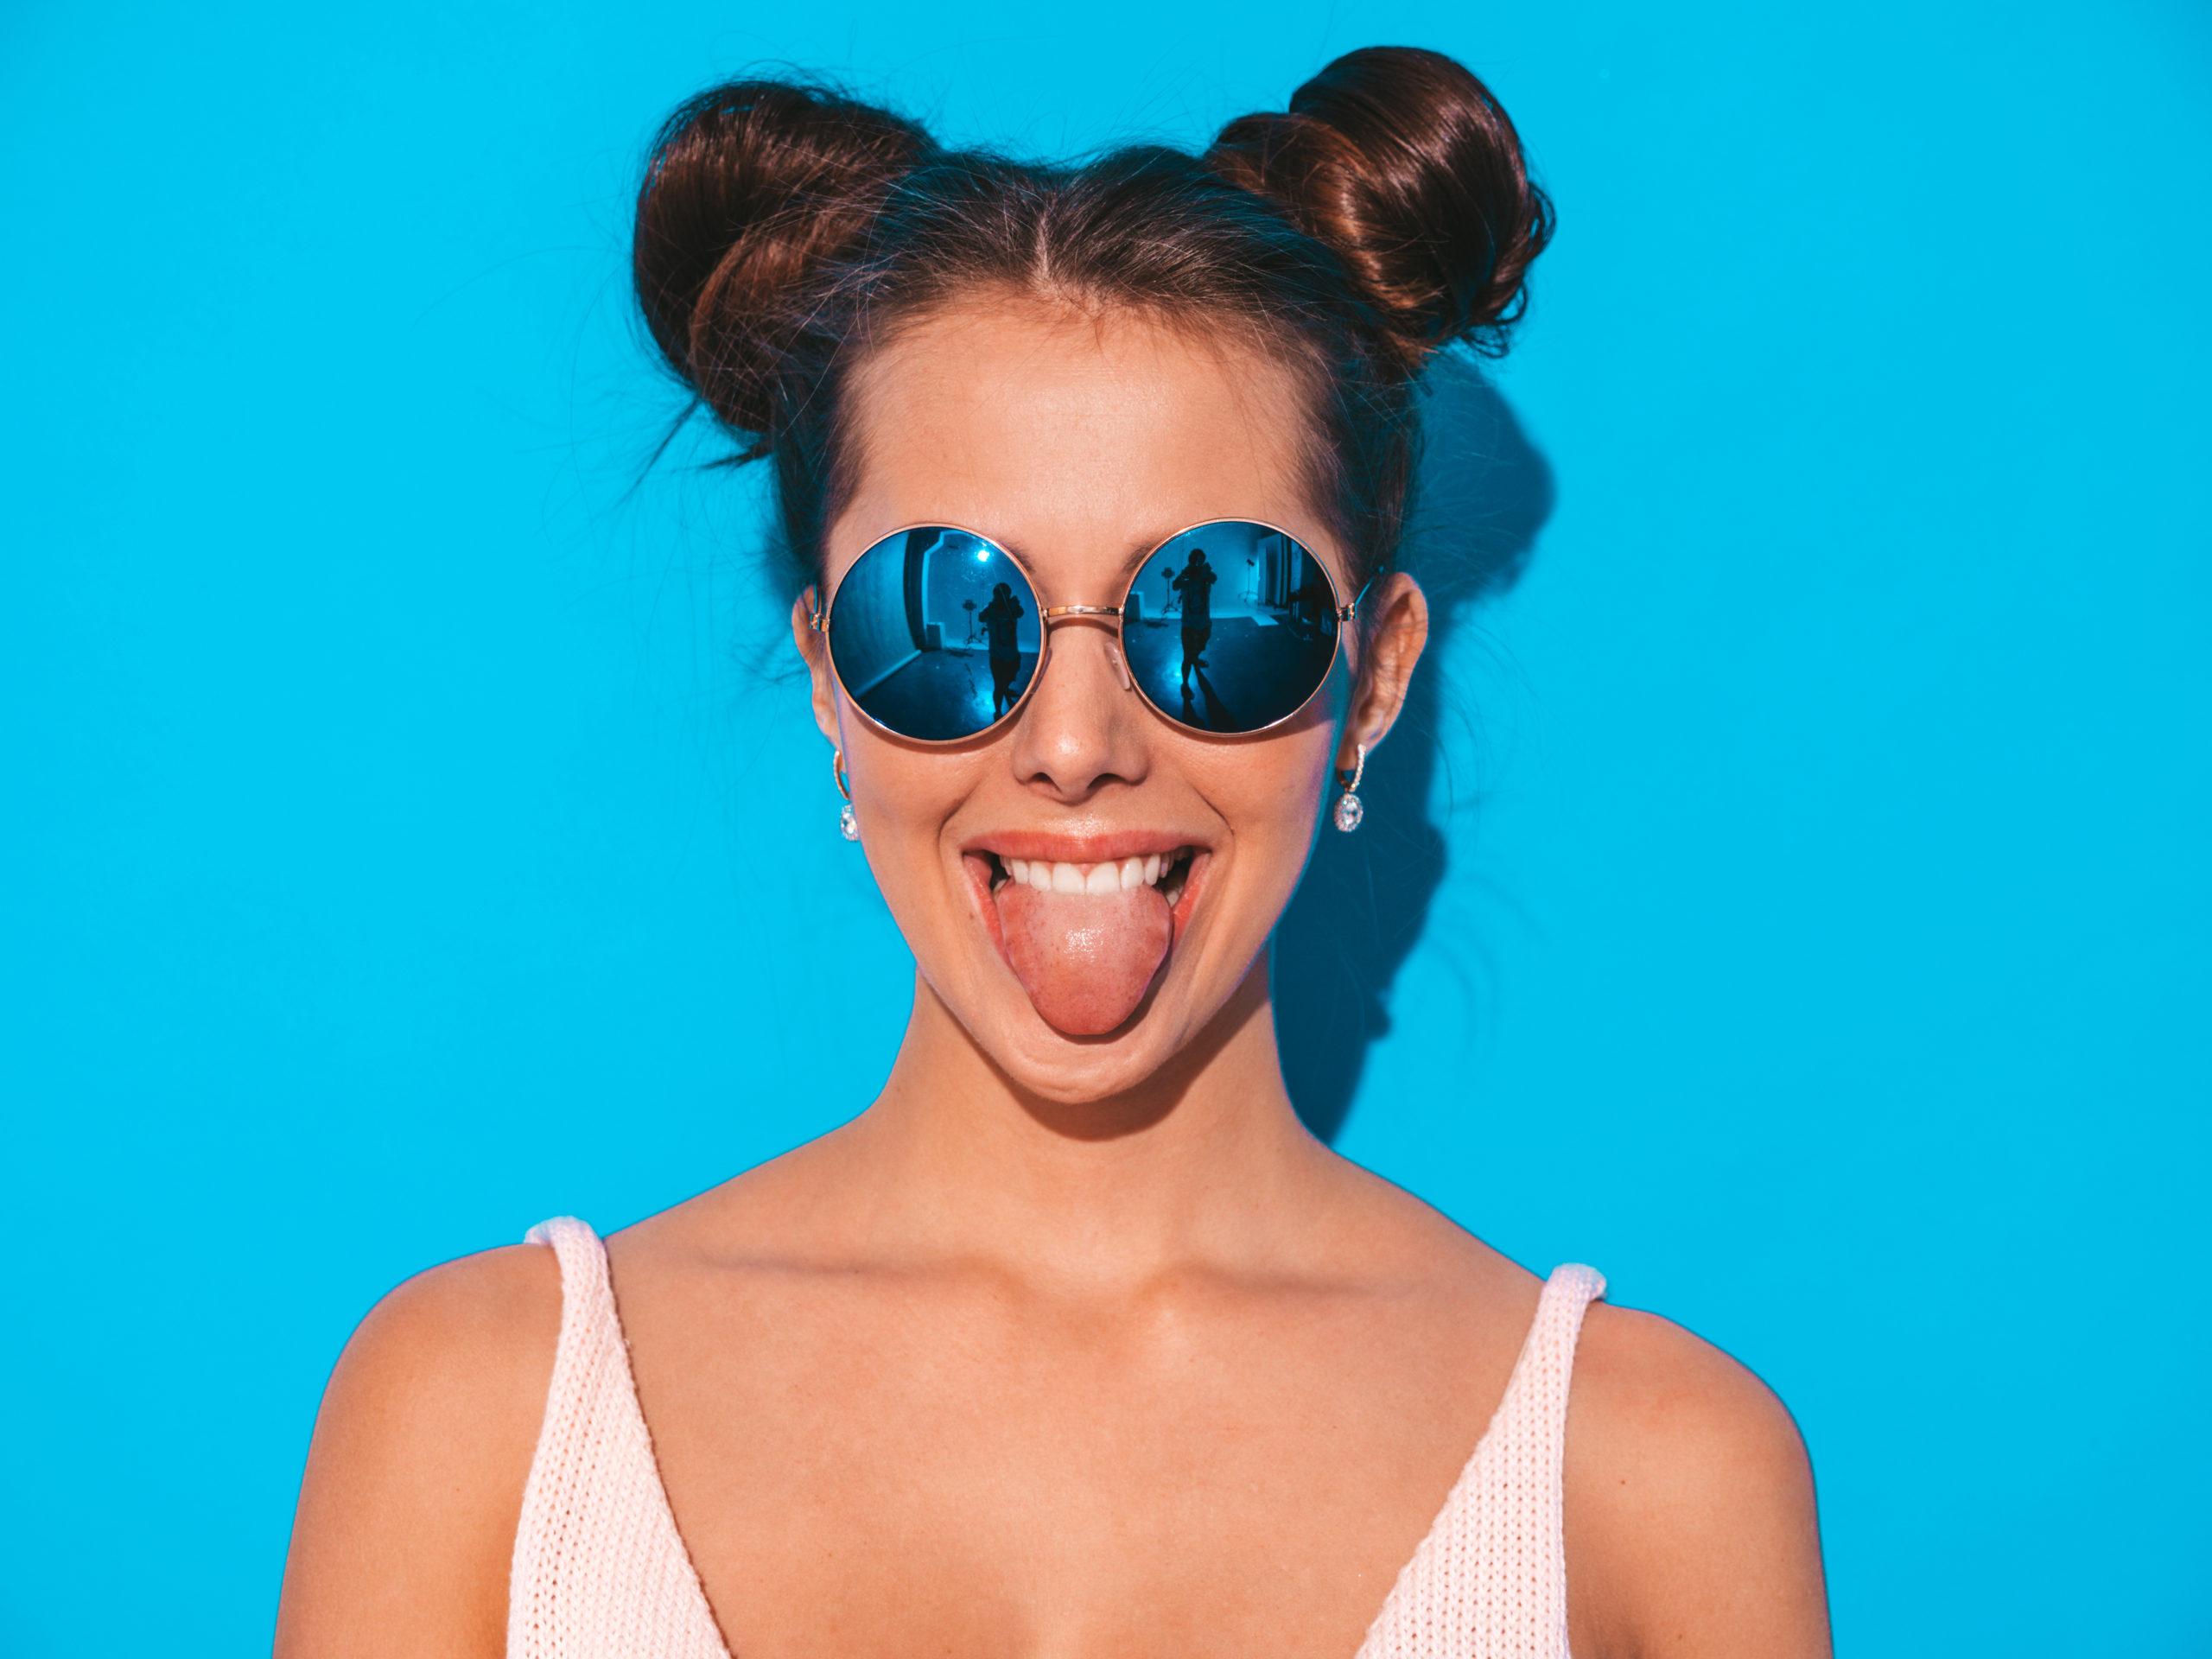 Consejo del día (y de siempre): sonreír eleva la confianza en ti mismo